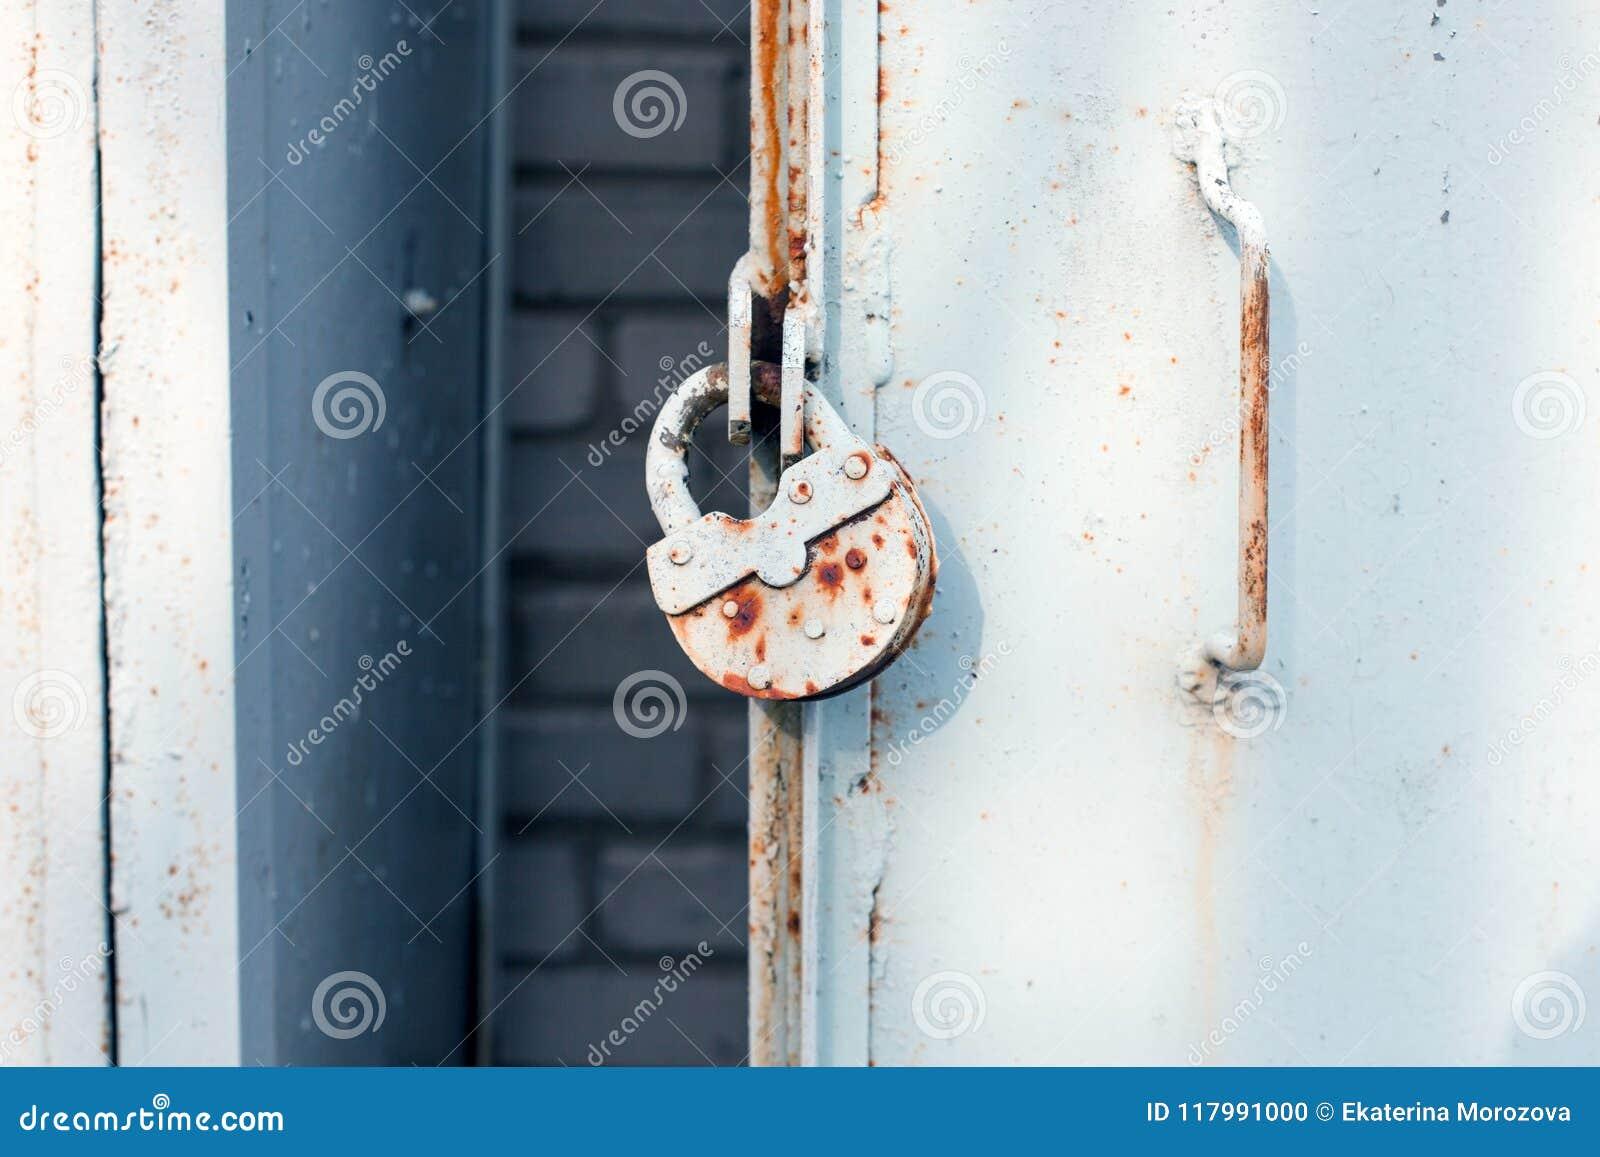 Κλείστε επάνω της πόρτας μετάλλων με την κλειδαριά, βρώμικο ύφος ανασκόπηση βιομηχανική